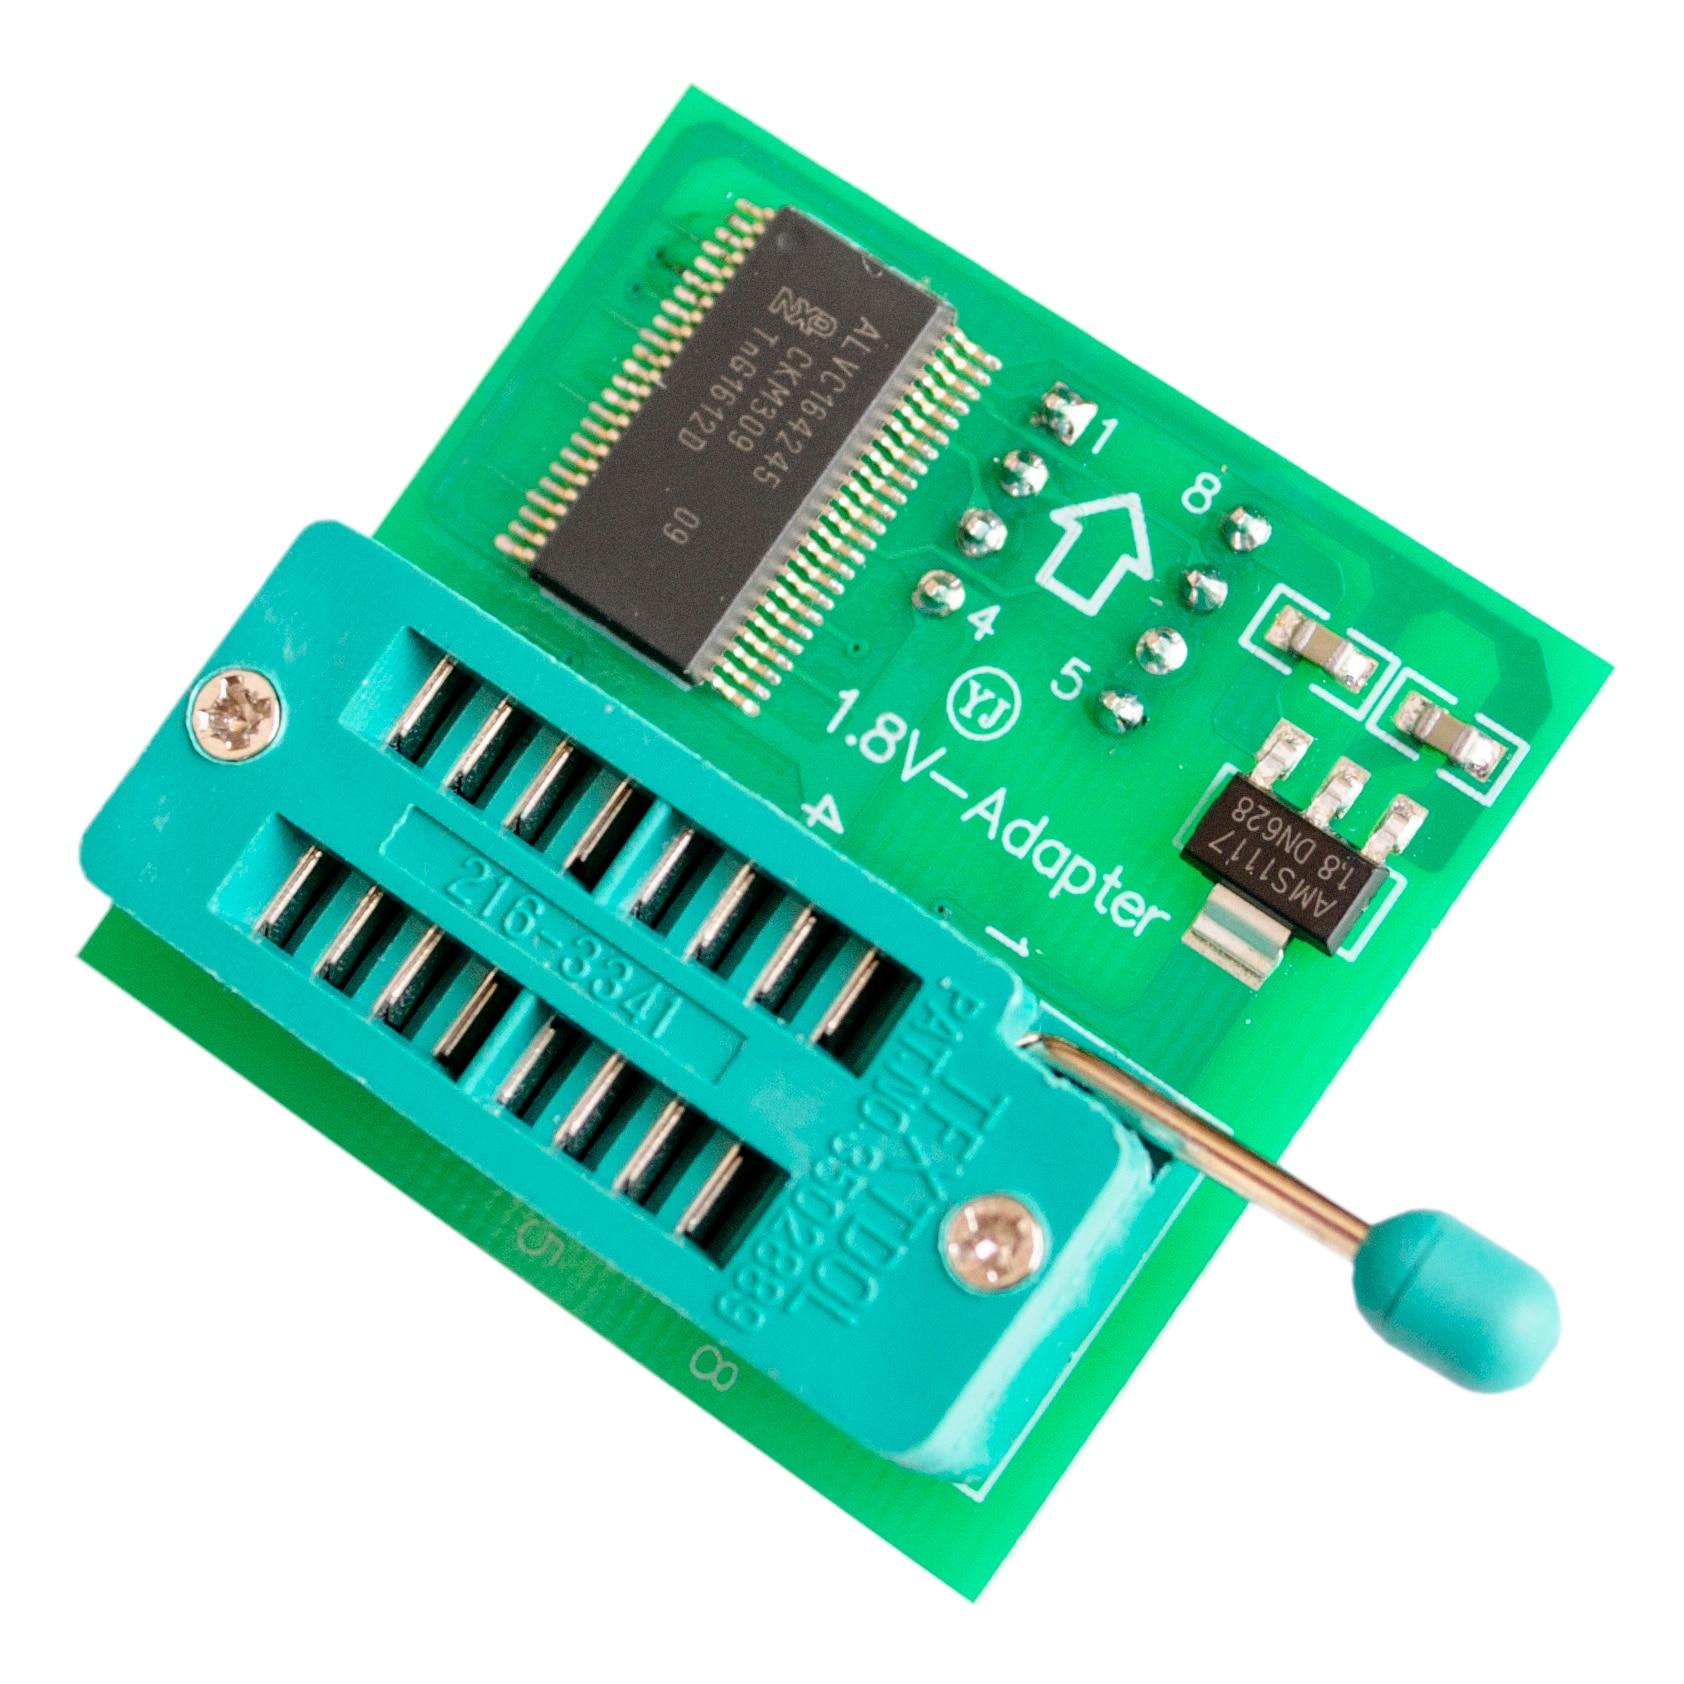 1.8v adaptador para iphone ou placa-mãe 1.8v spi flash sop8 dip8 w25 mx25 uso em programadores tl866cs tl866a ezp2010 ezp2013 ch341